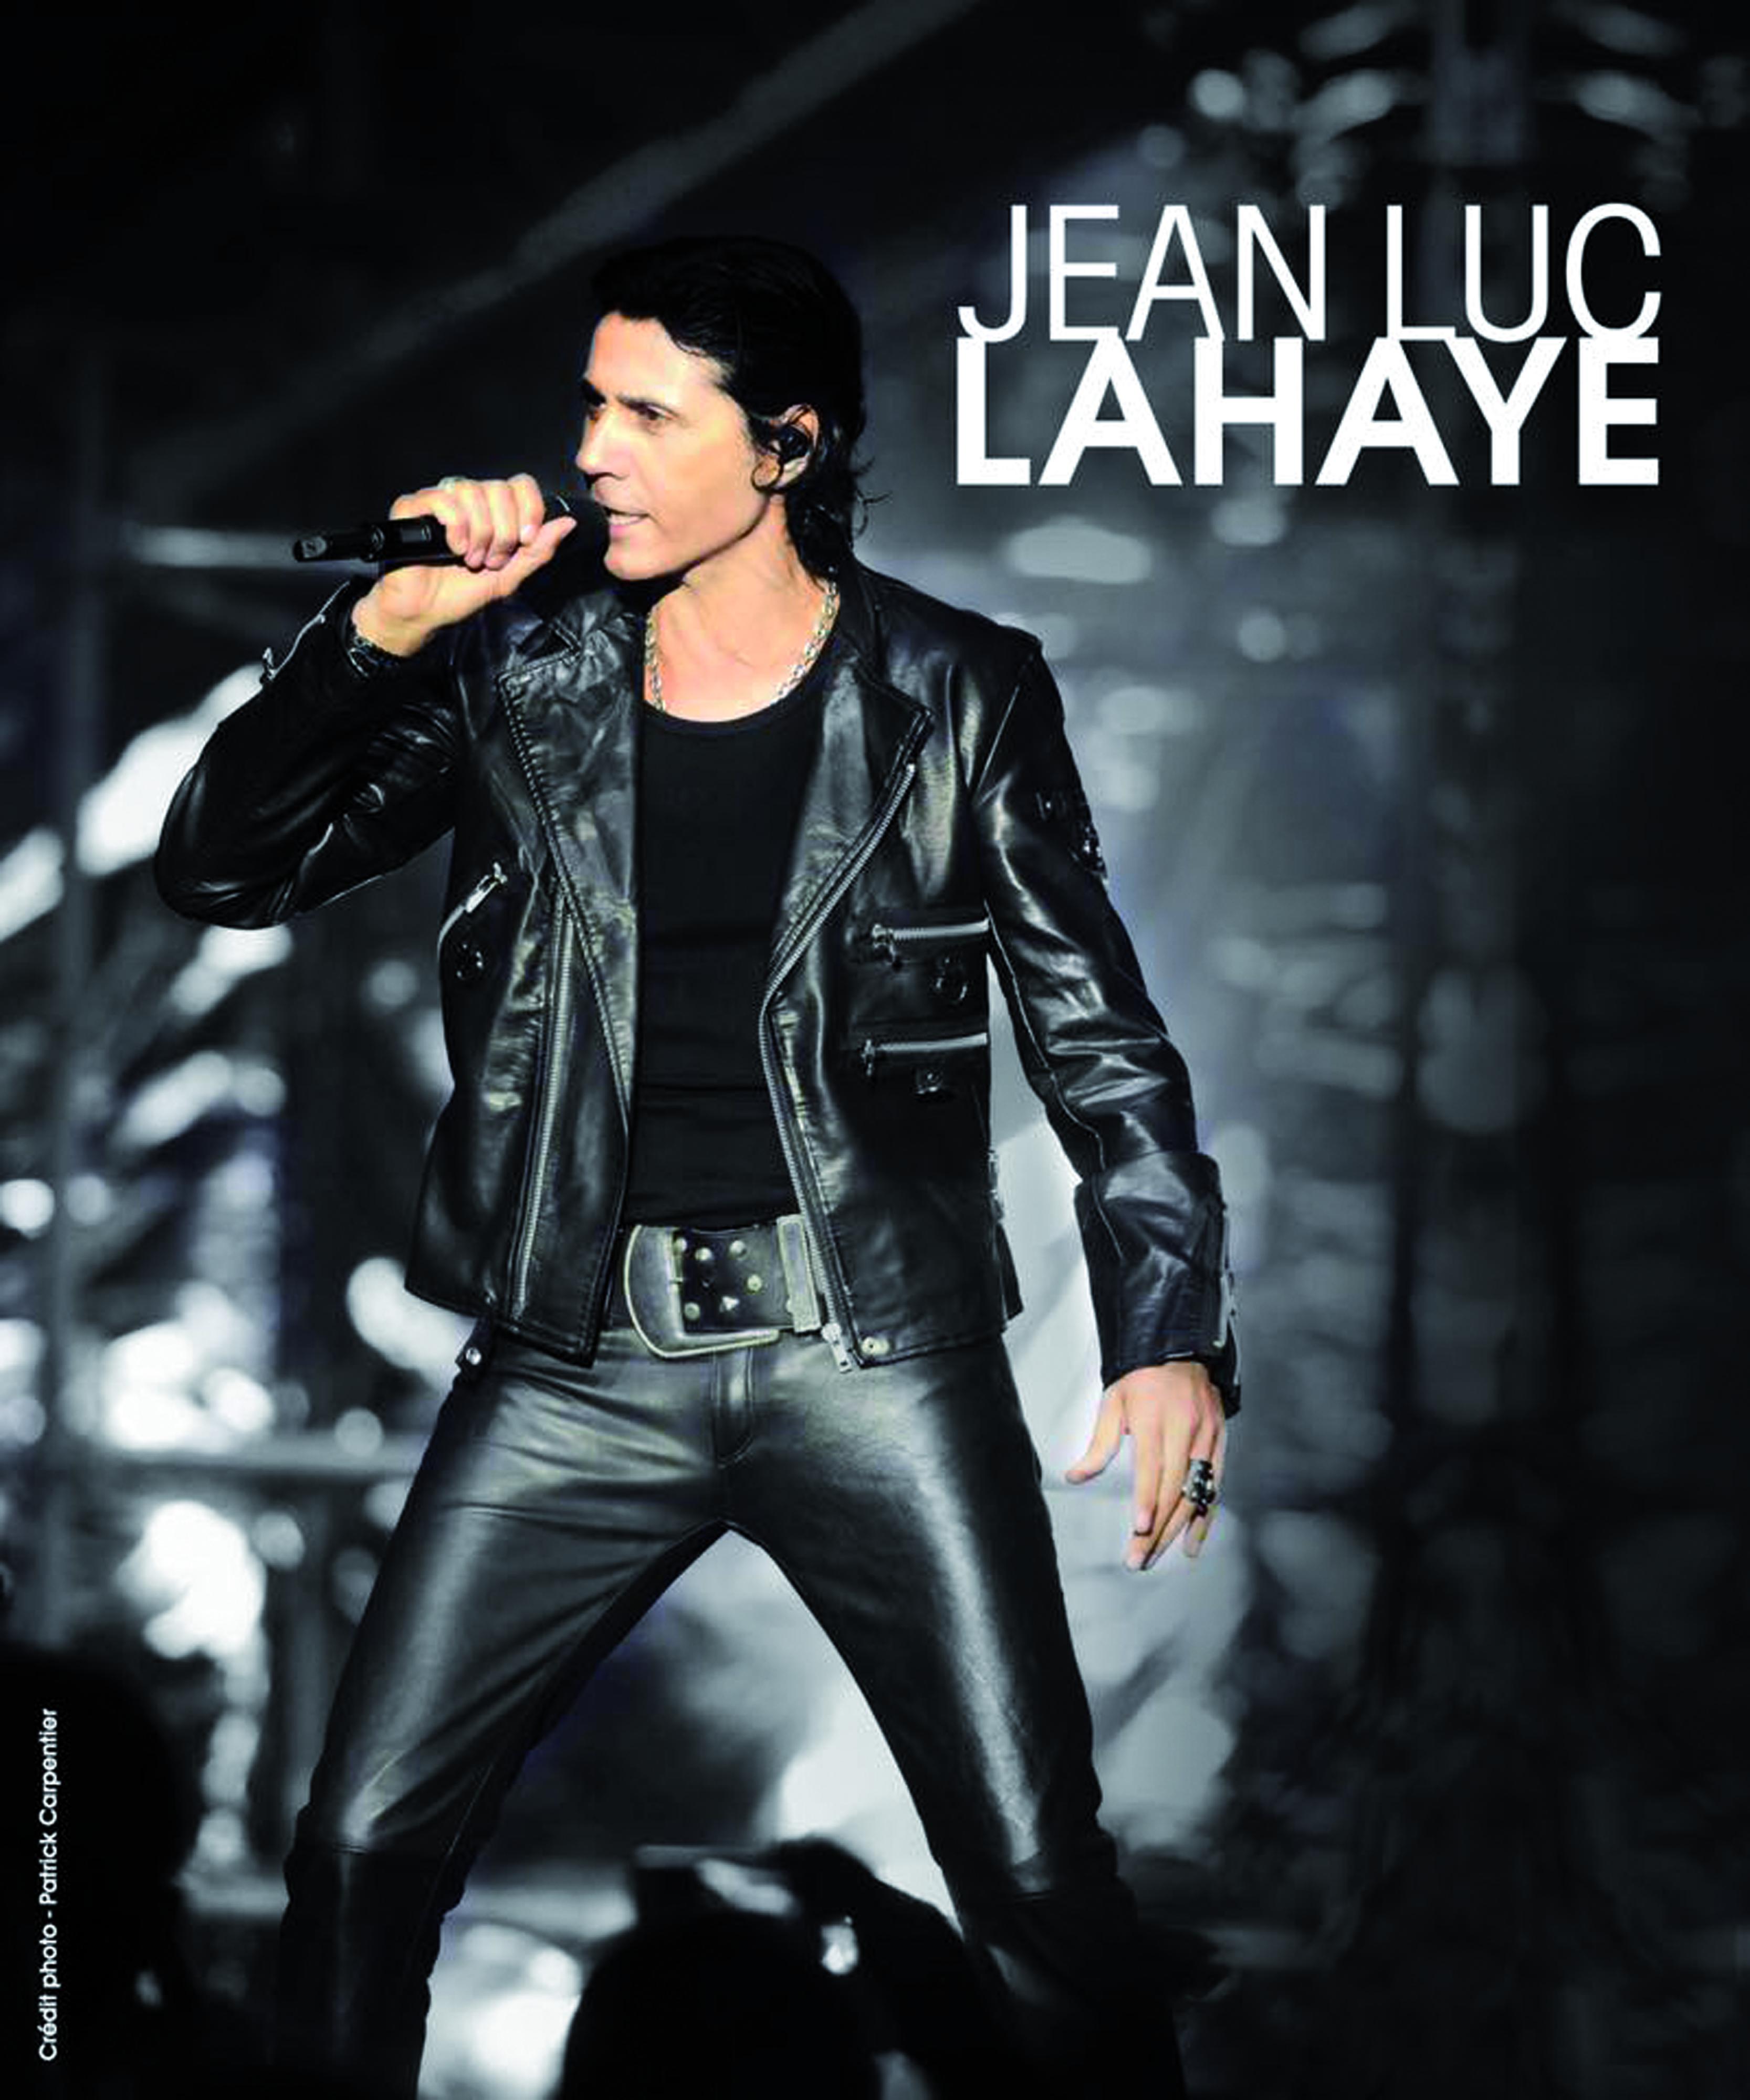 Lahaye Oukankoi Concert Luc Jean En GUVqMSzLp